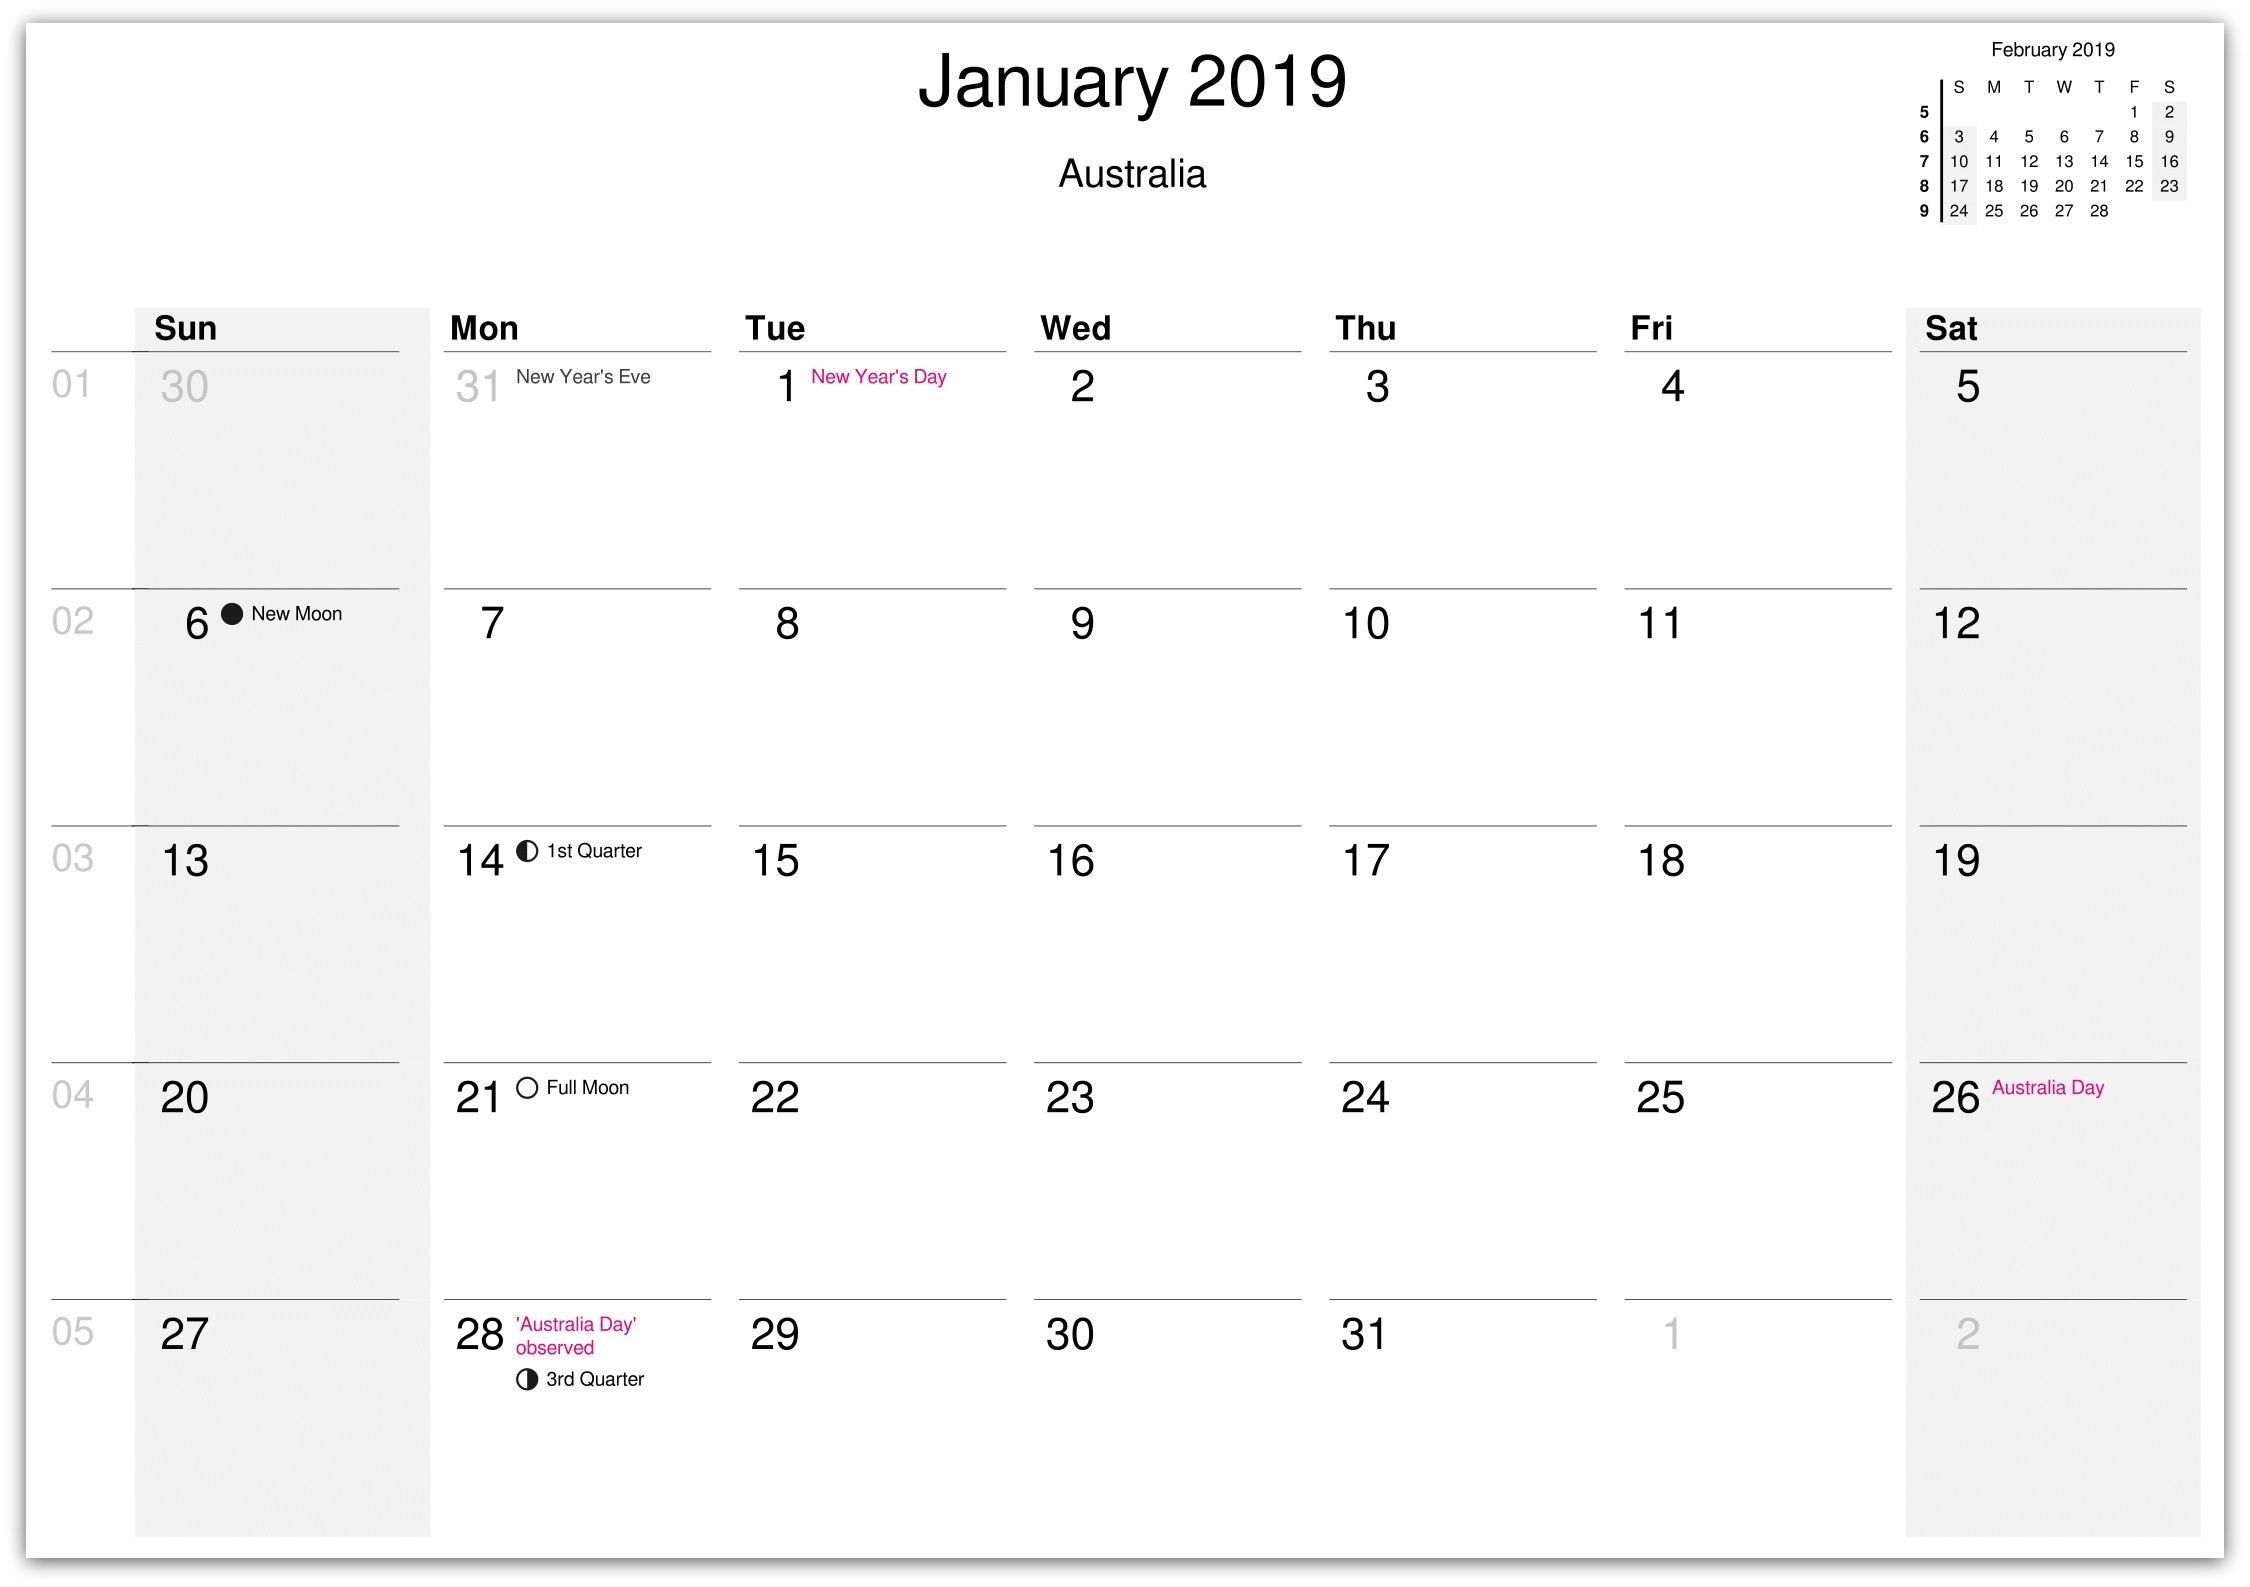 January 2019 Australia Holidays Calendar | Calendar 1St Qtr 2019 Calendar 2019 1St Quarter